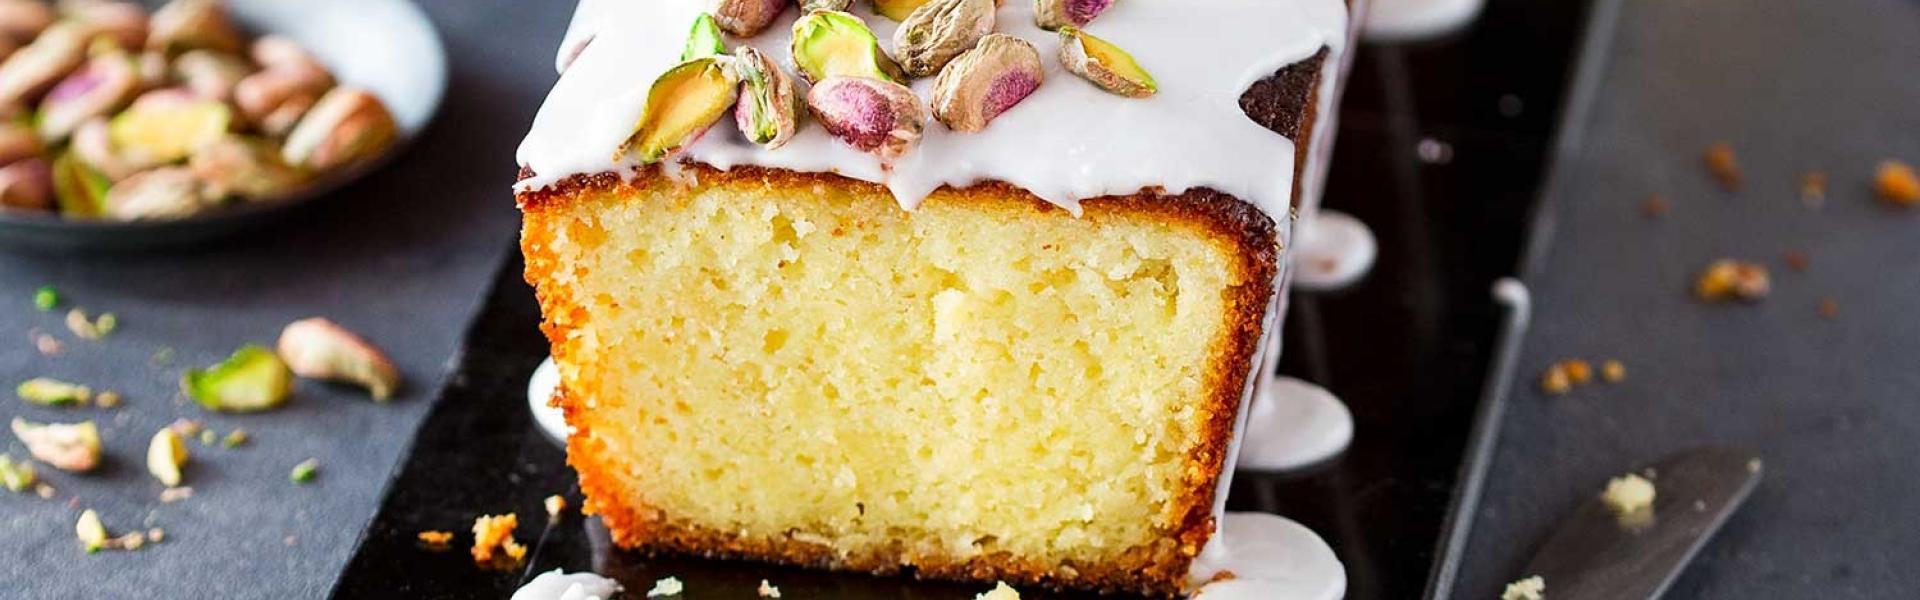 Zitronenkuchen mit Frischkäse und Glasur mit Pistazien auf einem Brett.